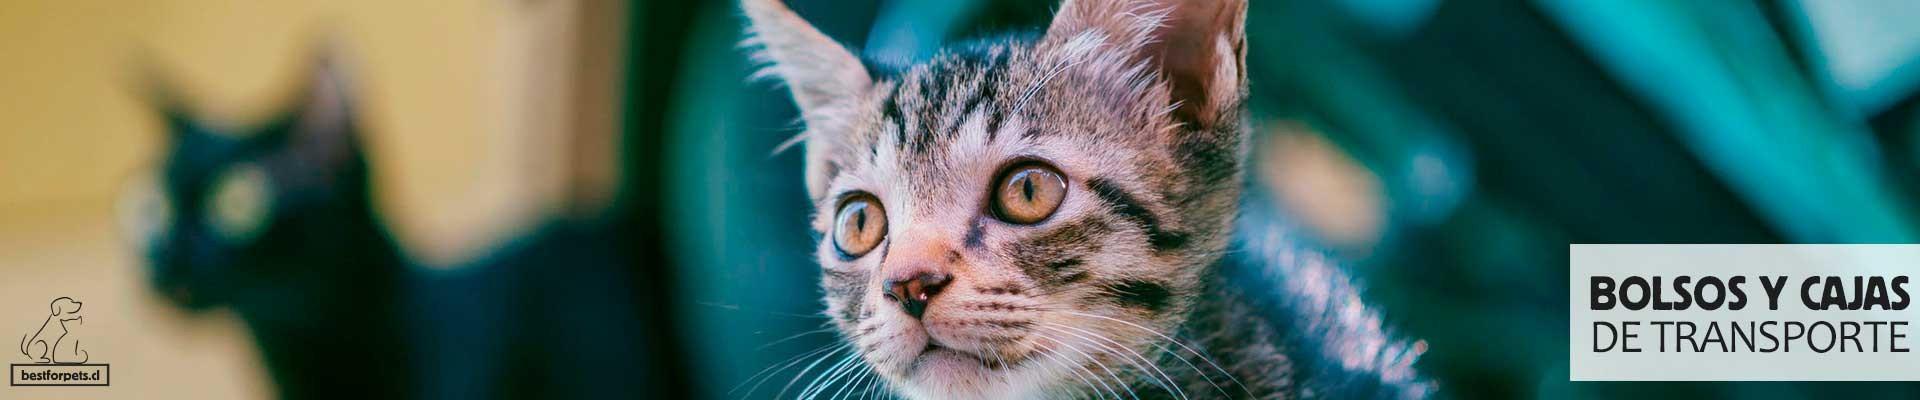 Cajas de transporte para gatos